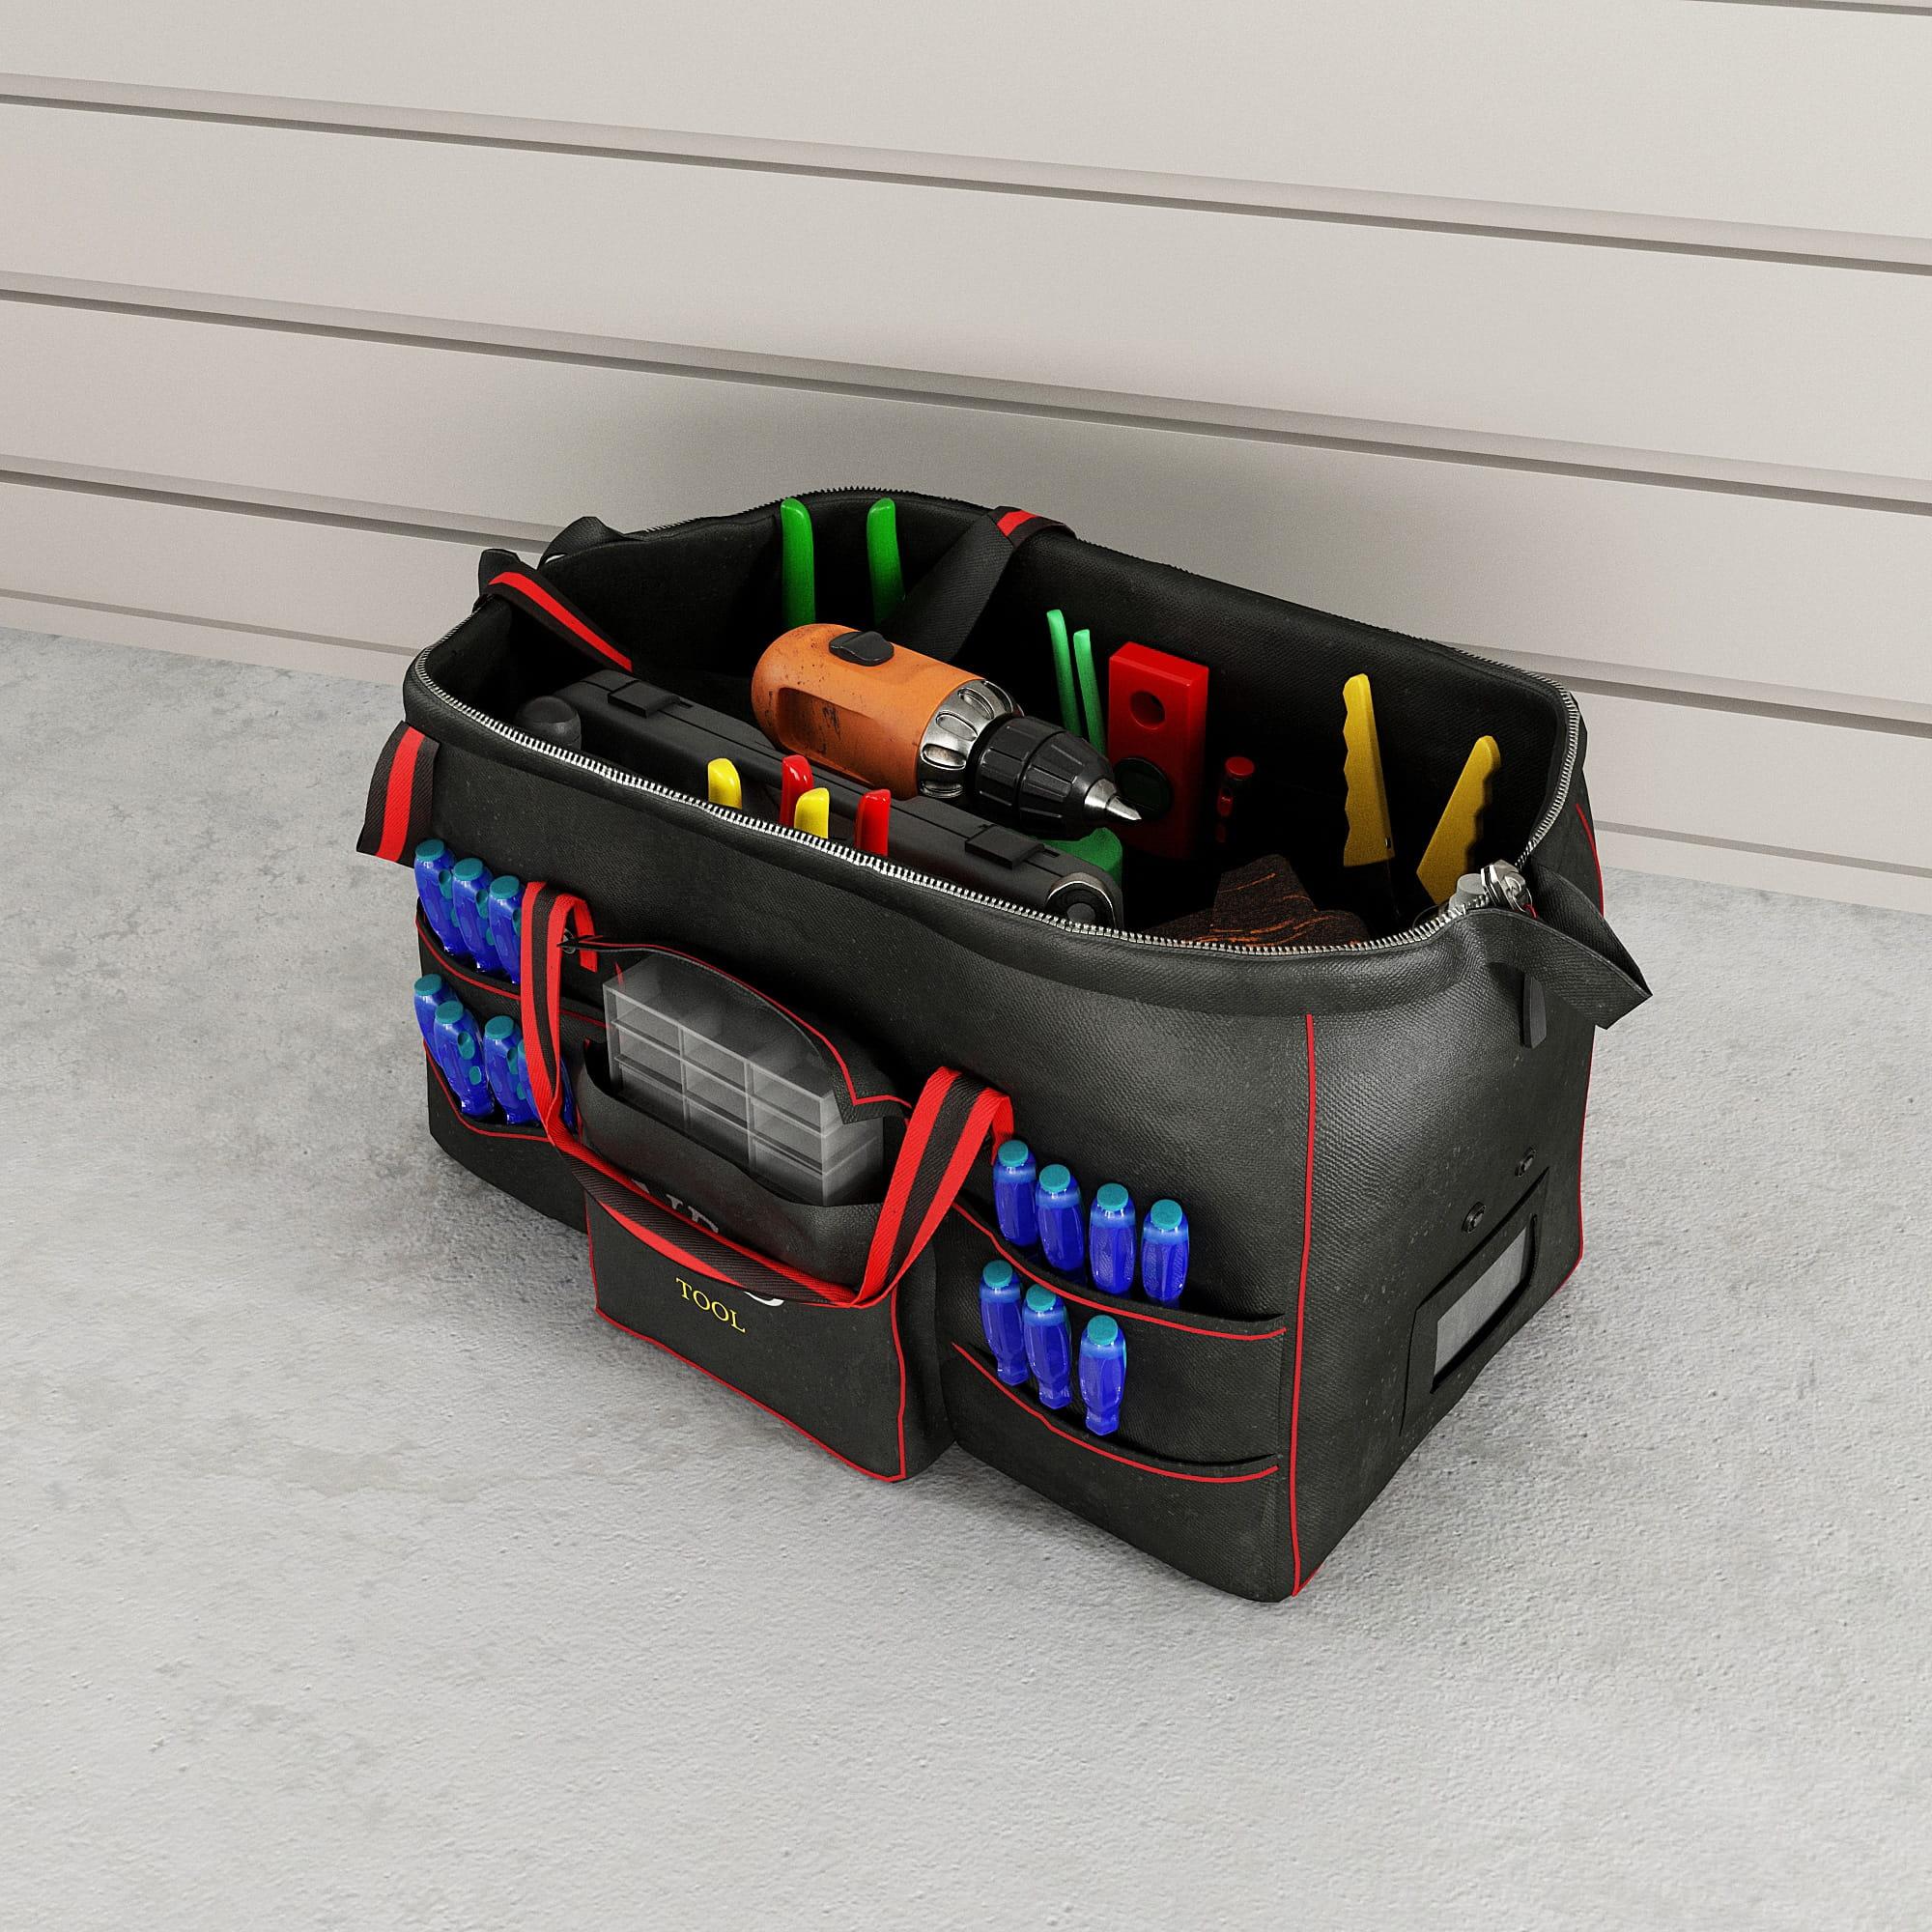 garage equipment 20 AM222 Archmodels